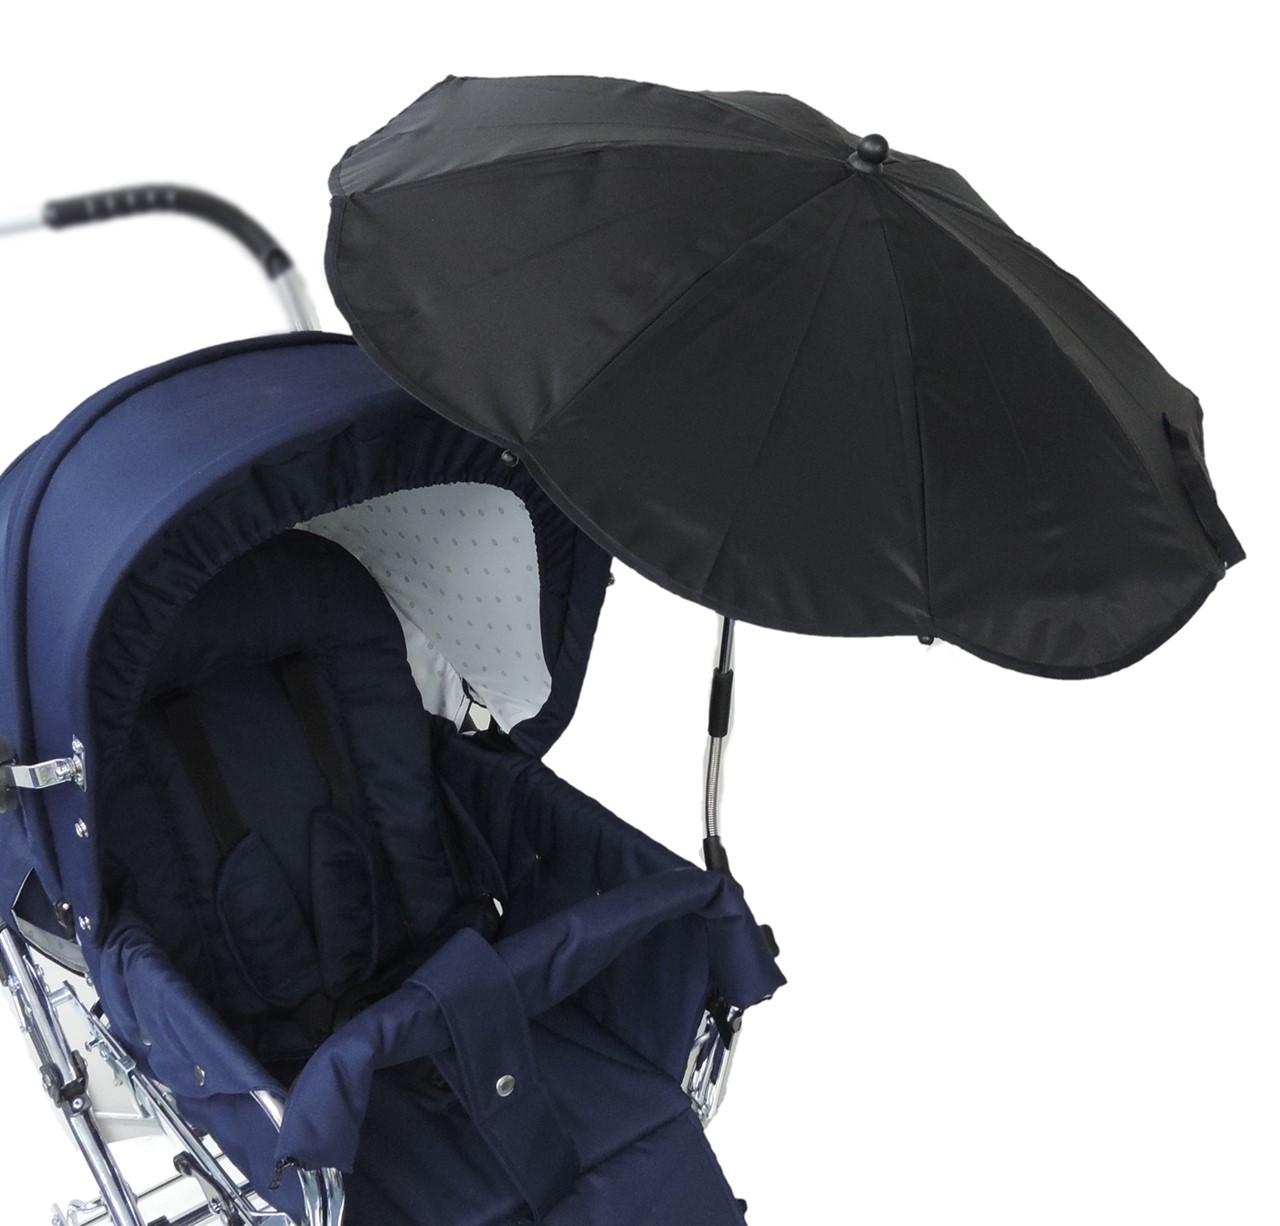 Eichhorn Kinderwagen Gmbh Co Kg Eichhorn Sonnenschutz Mit Uv Schutz